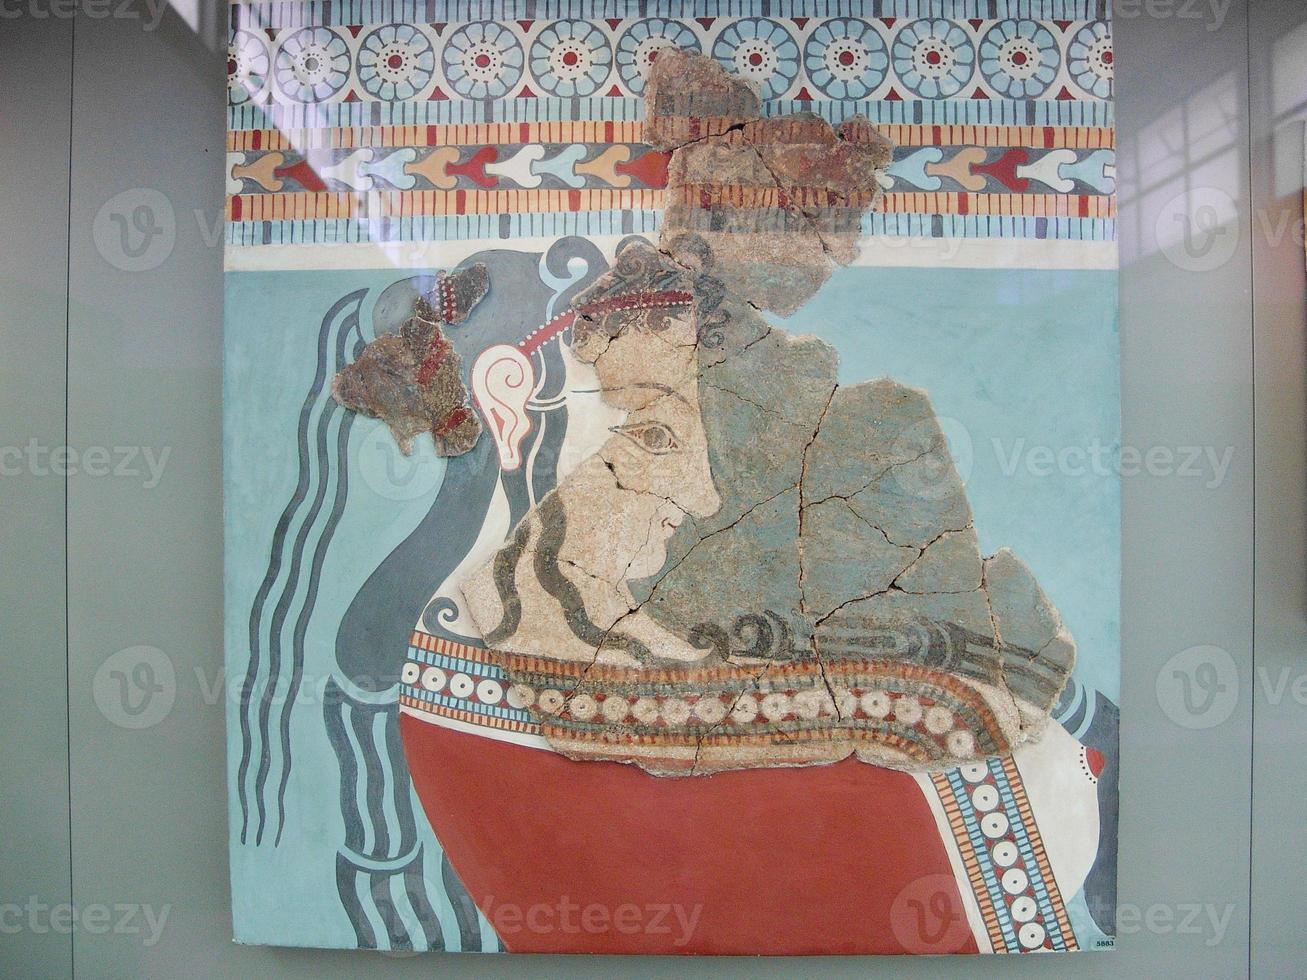 peinture grecque antique photo